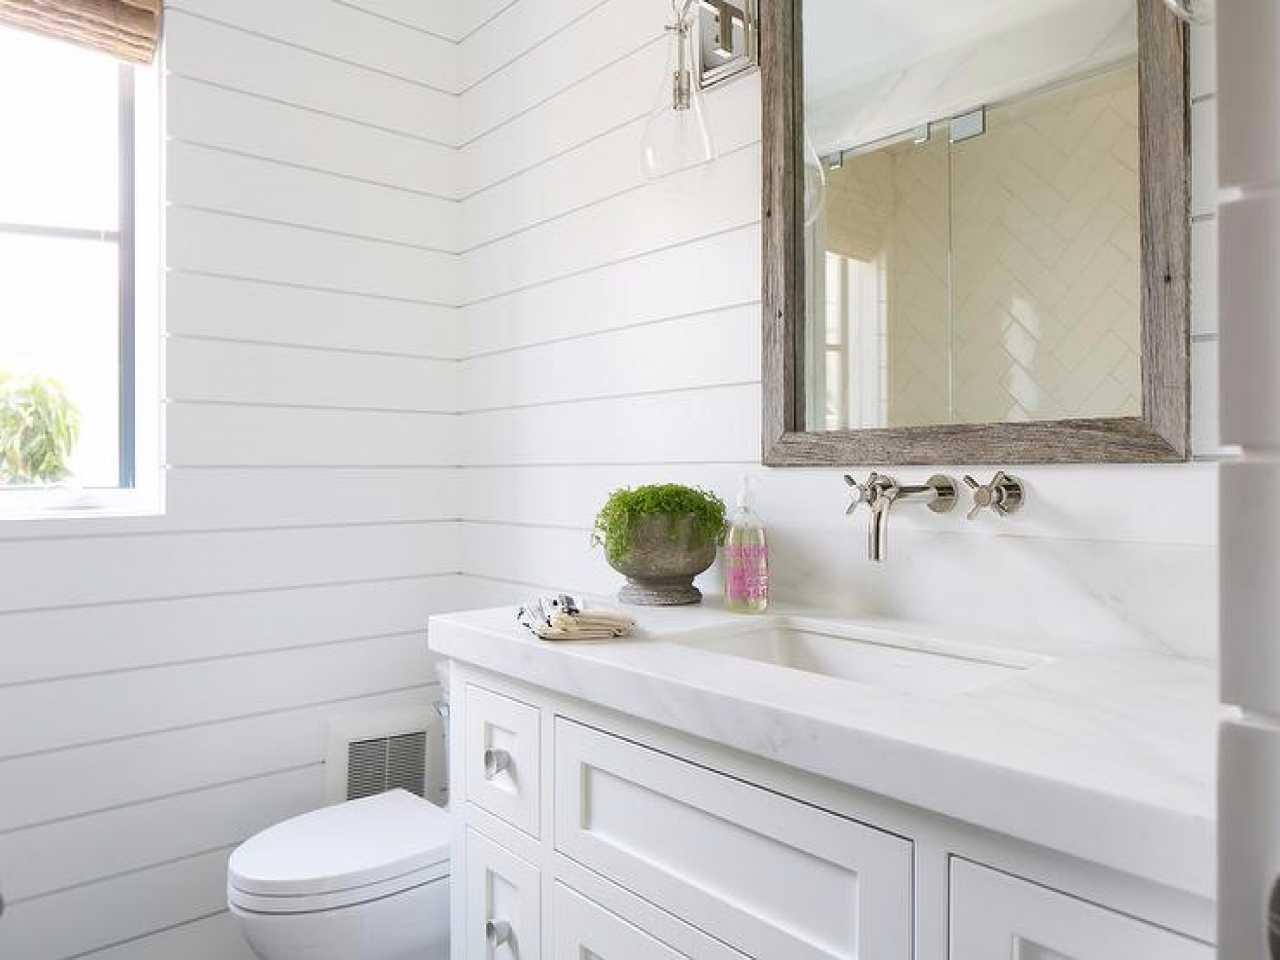 tualet2 - Ремонт туалета пластиковыми панелями